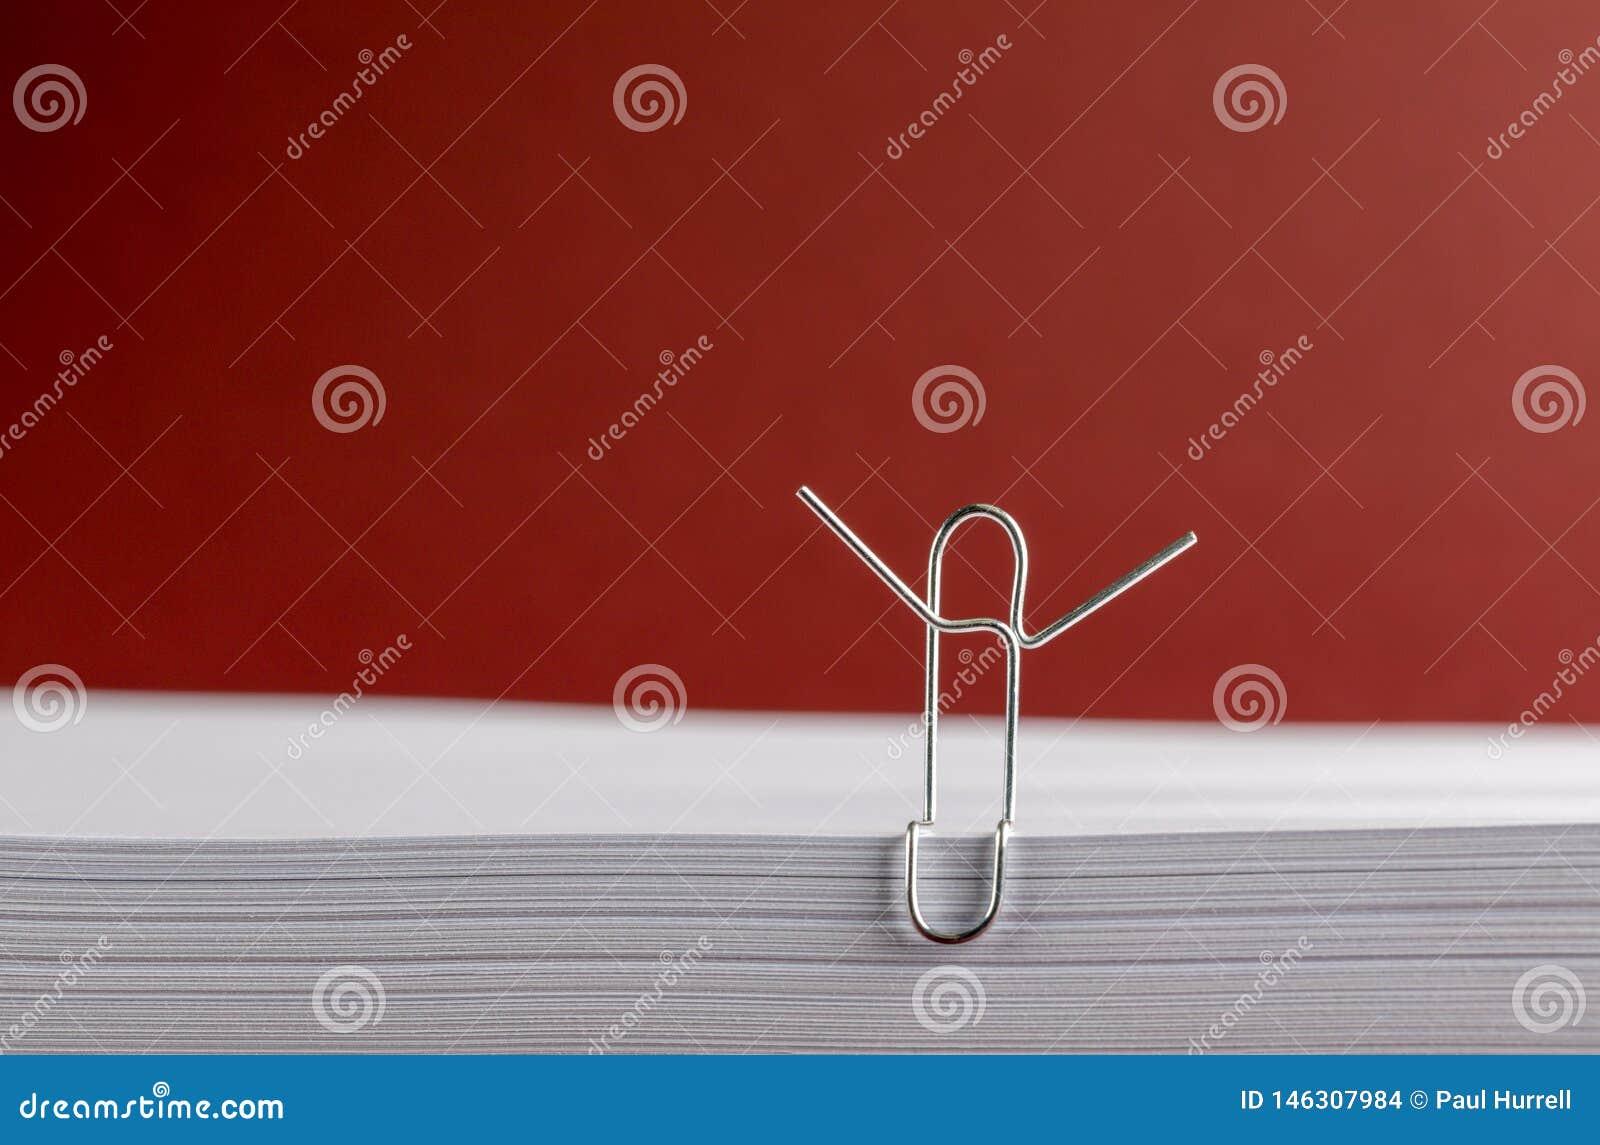 Clipe de papel com mãos no alto no Livro Branco no fundo vermelho